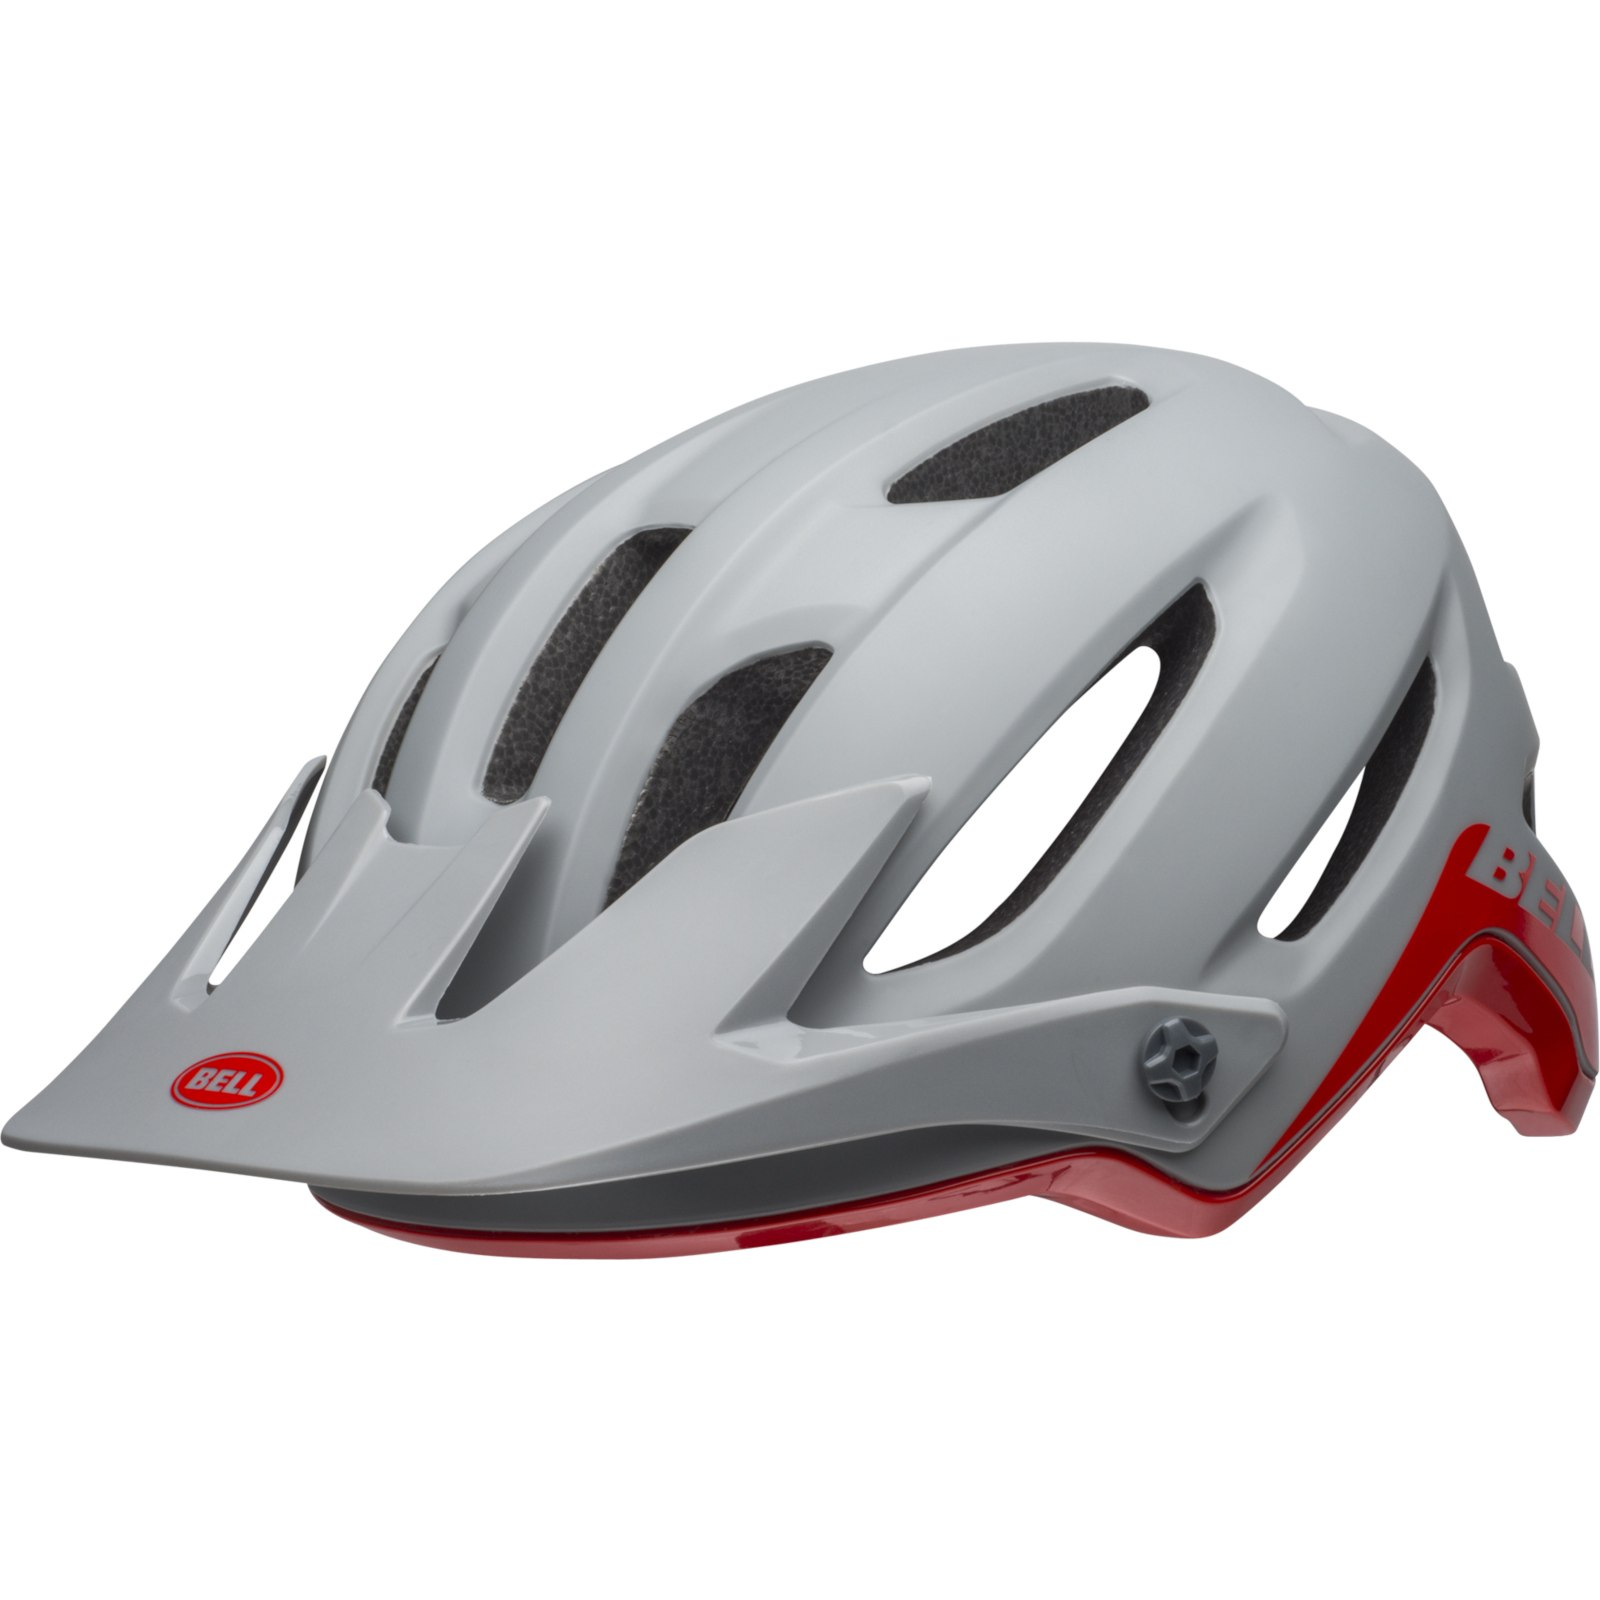 Image of Bell 4Forty MIPS Helmet - cliffhanger matte/gloss dark gray/crimson